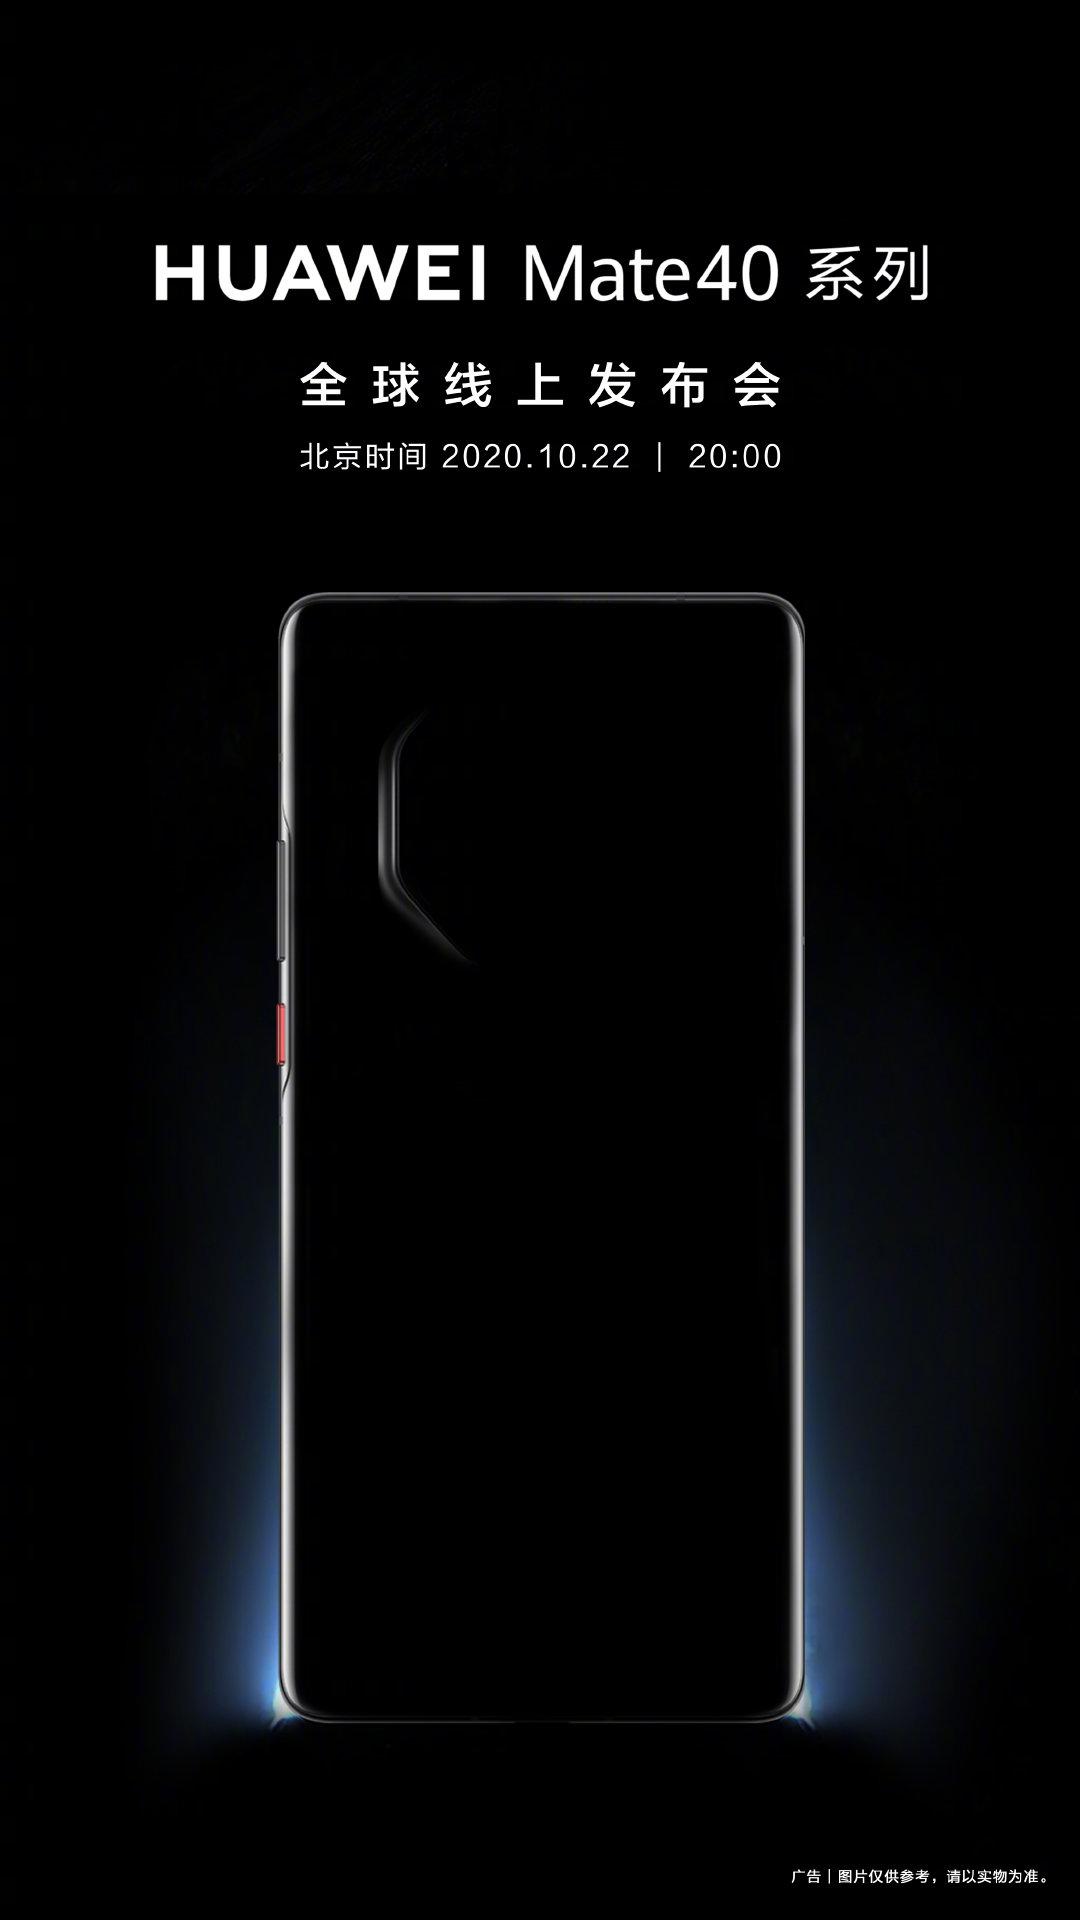 Huawei Mate 40 Pro: необычное оформление камеры Huawei  - huawei_pokazala_neobychnoe_oformlenie_kamery_mate_40_pro_picture2_0